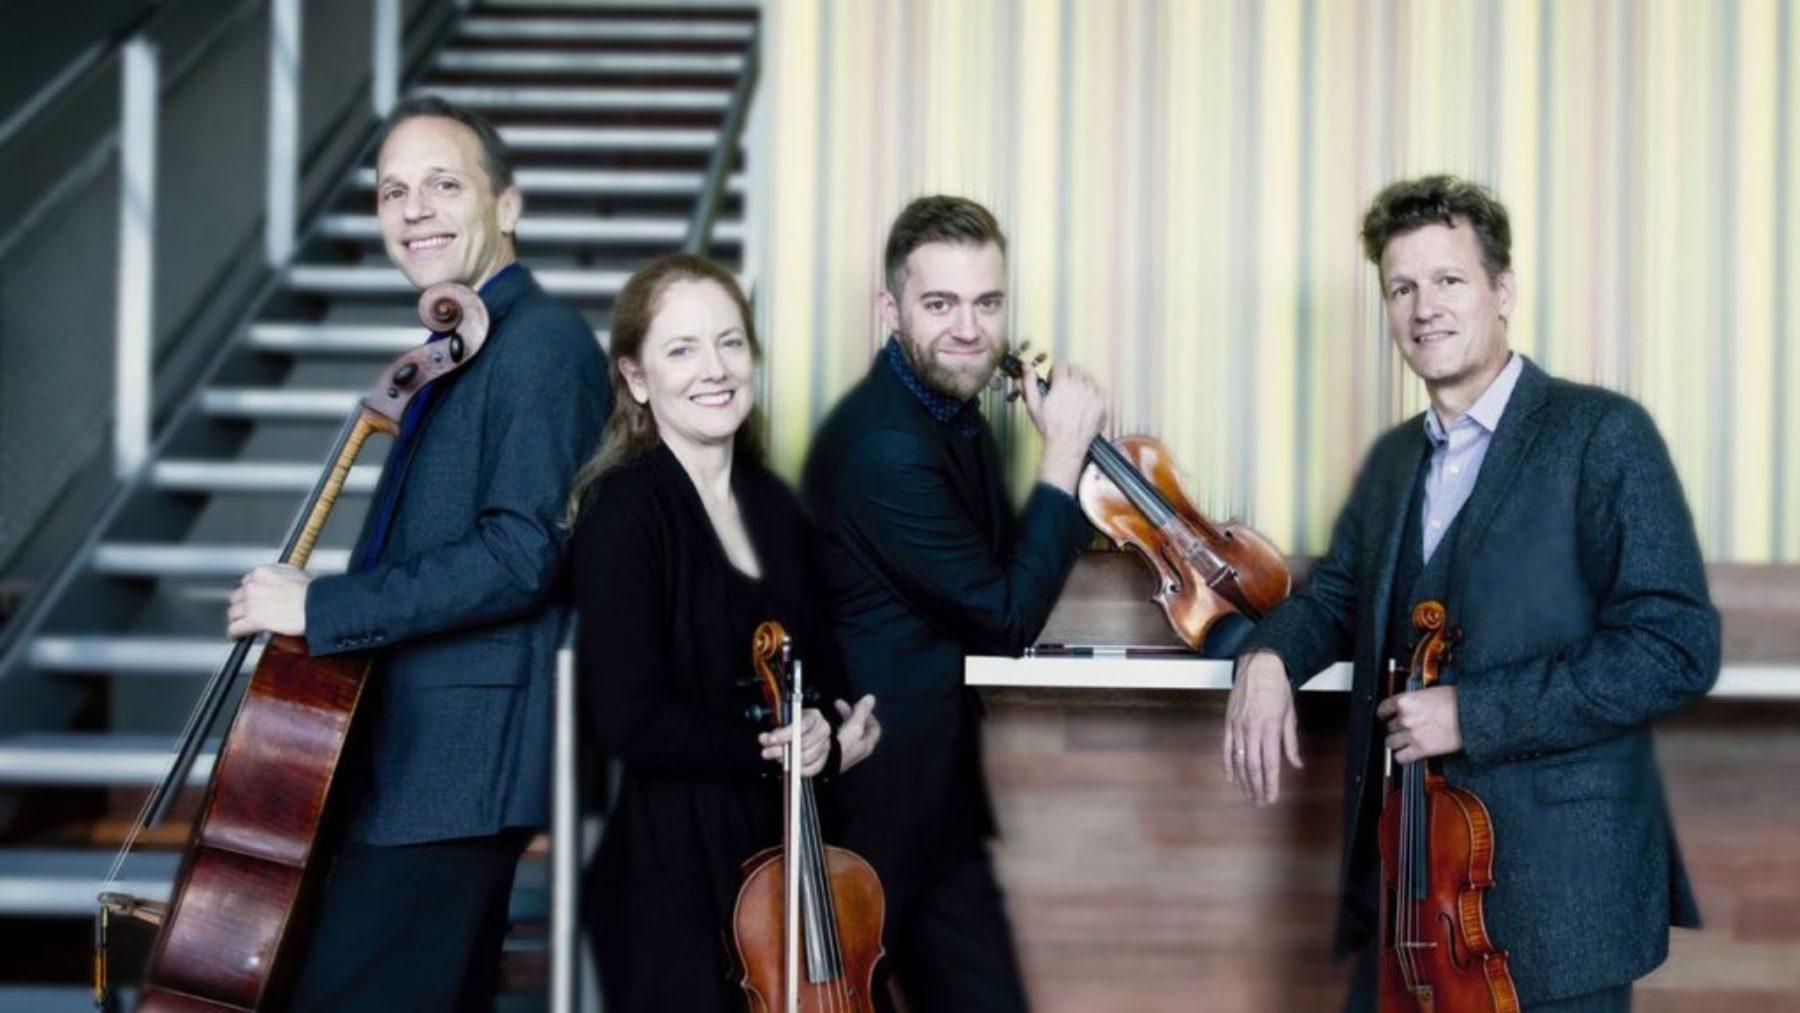 St. Lawrence String Quartet - Sat. Nov. 17, 2018, 8pm